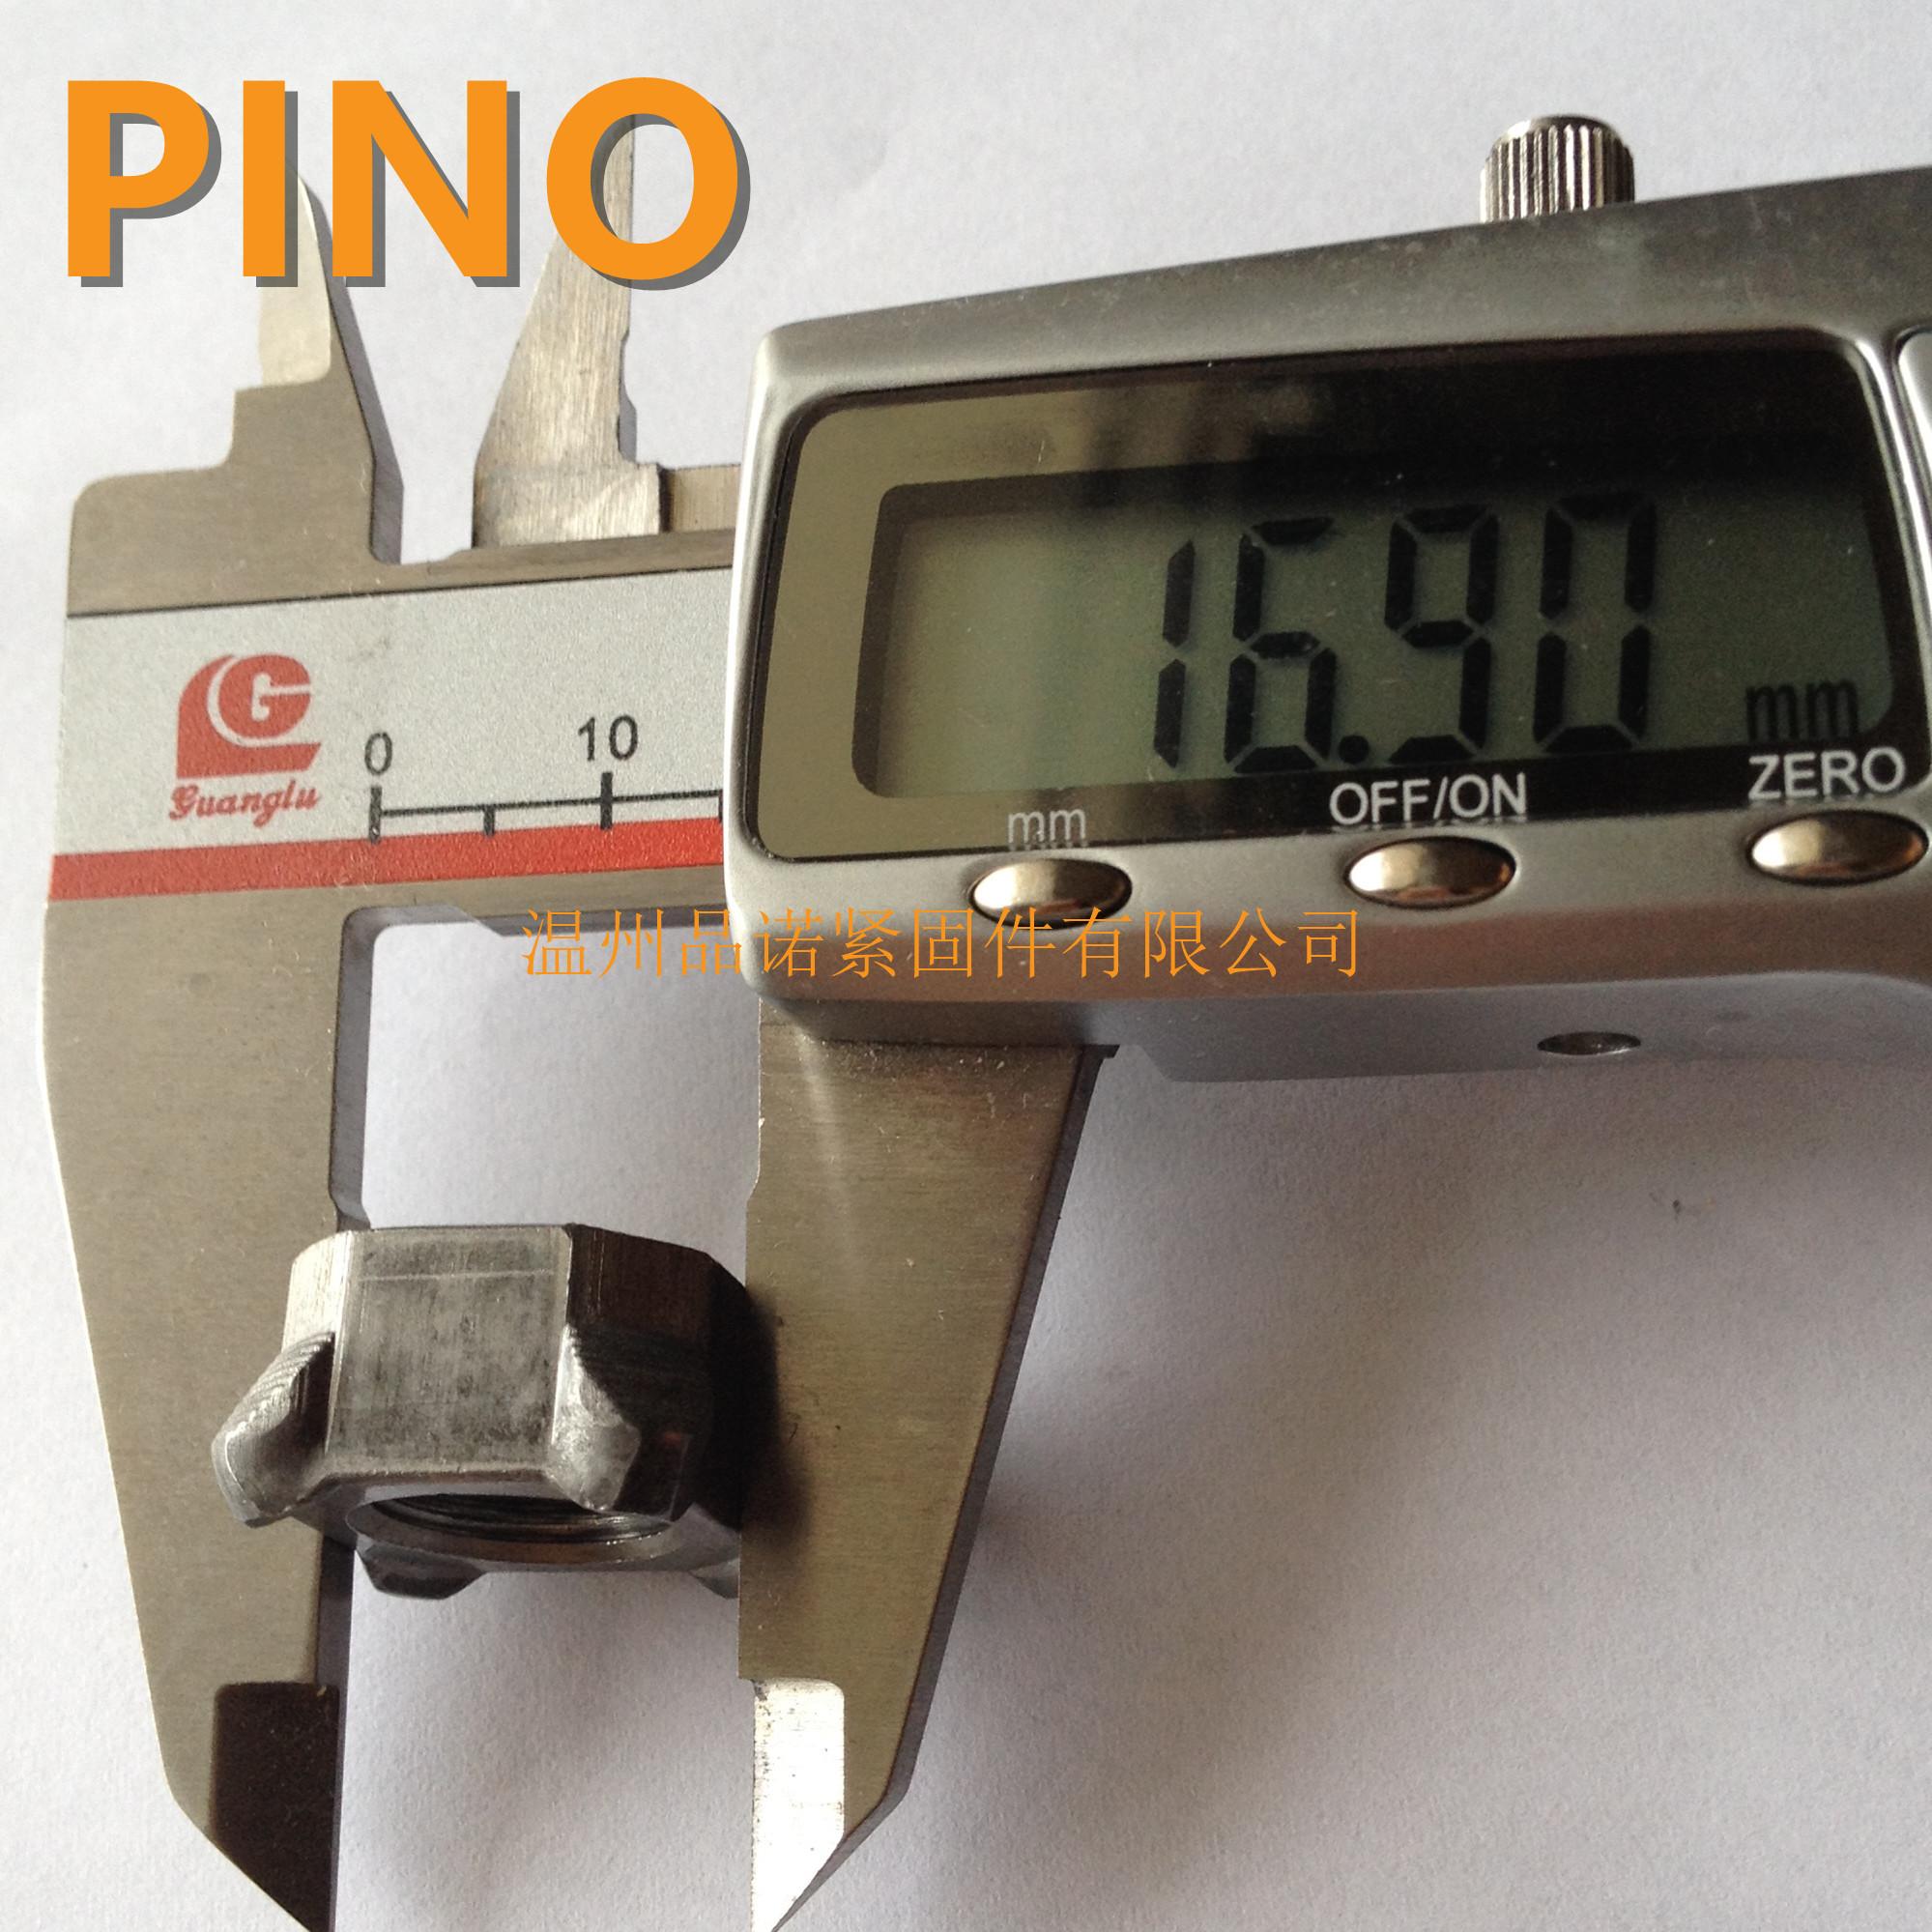 Quatro cantos GB13680 M4, M5, M6 porca soldada, M8, M12, M14, M16, M10, 7/16-20 spot.8) tratamento térmico podem ser personalizados